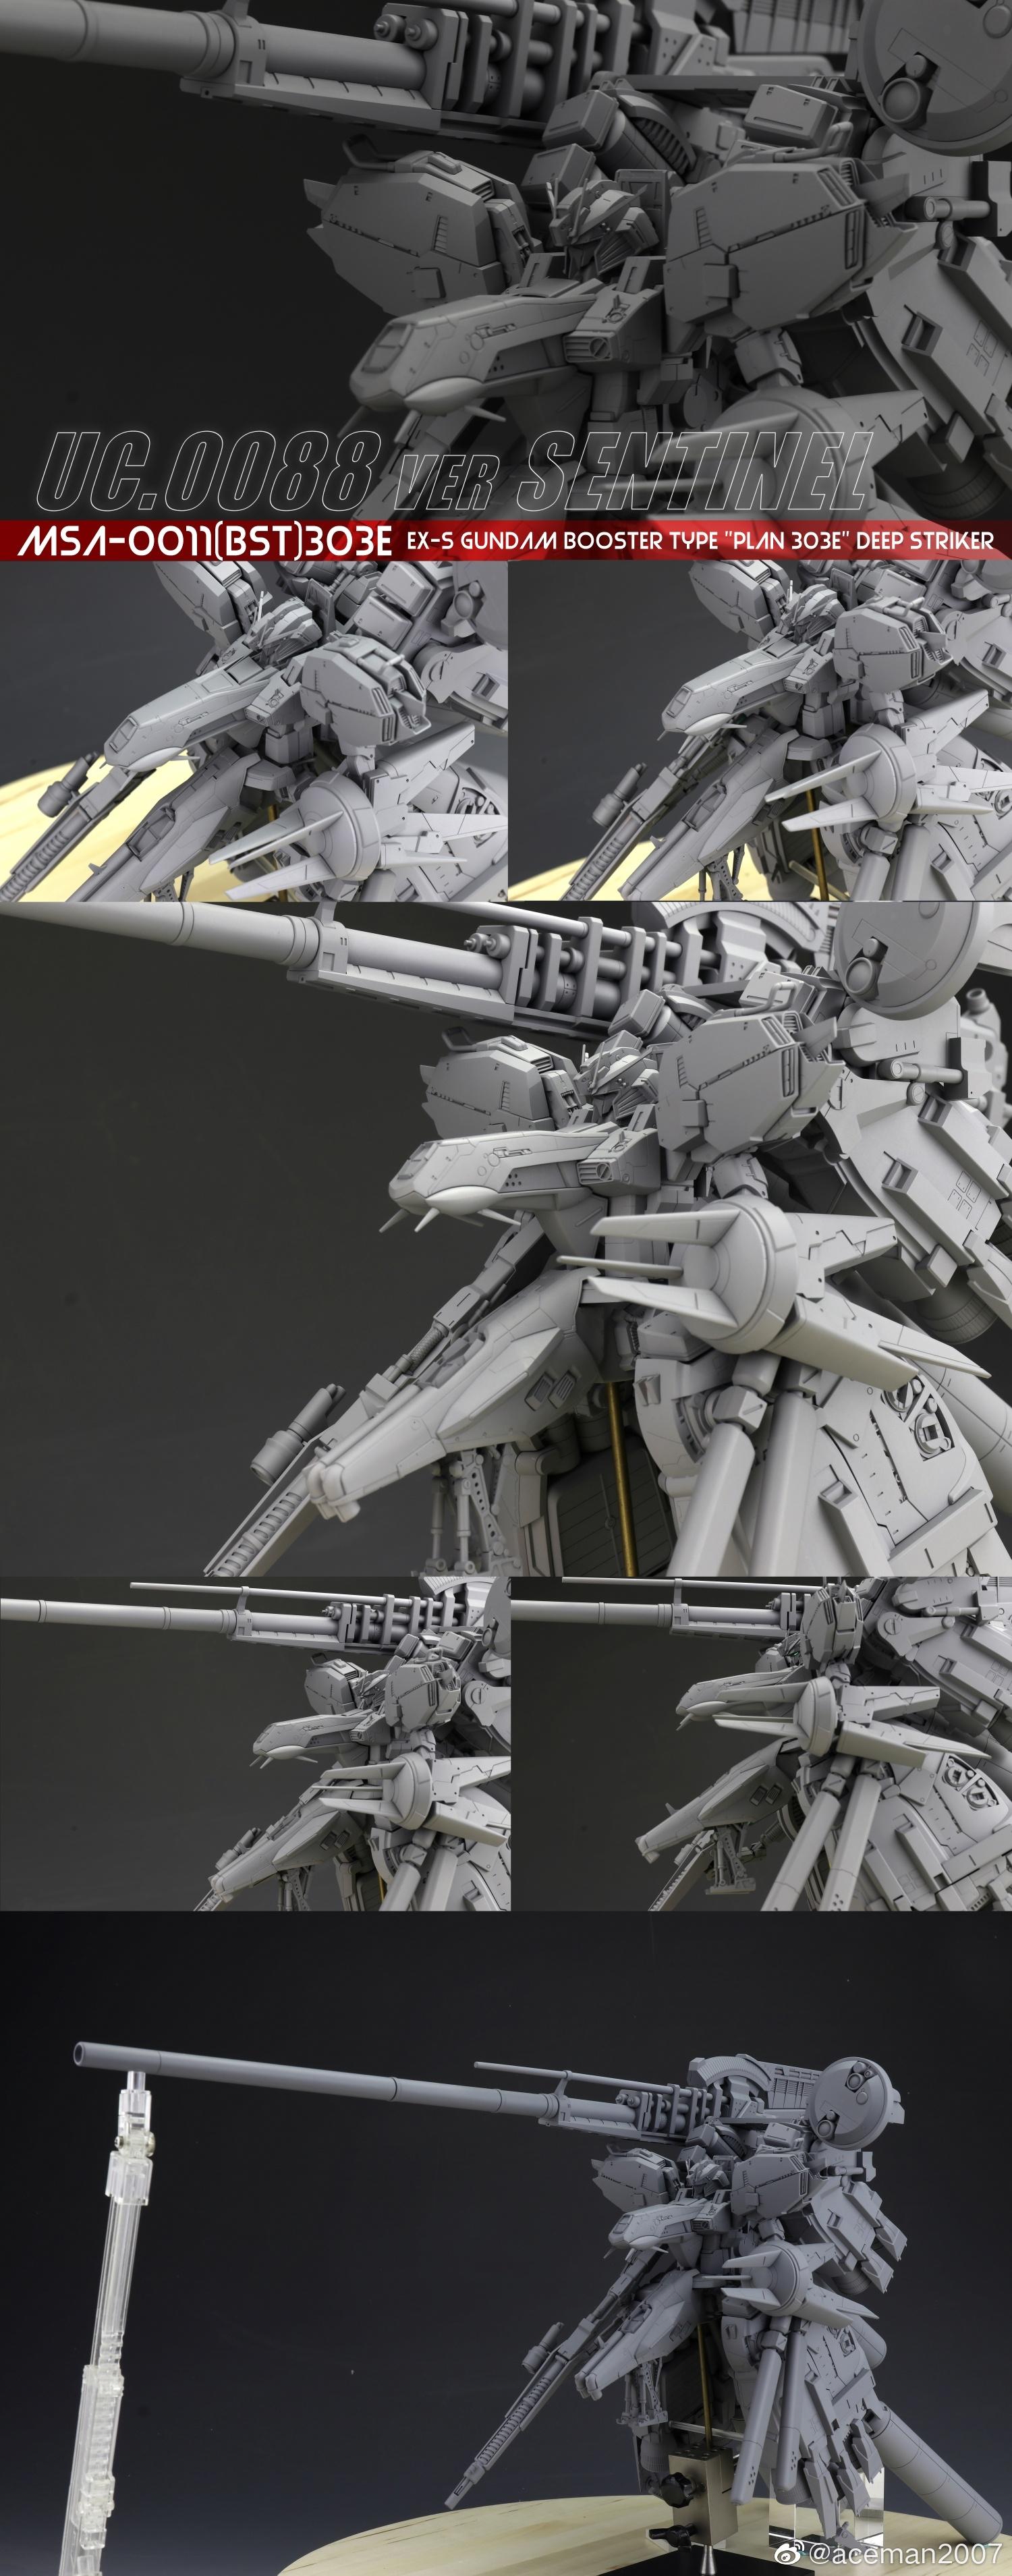 G846_Extreme_Squad_144_PLAN_303E_DEEP_STRIKER_full_GK_001.jpg